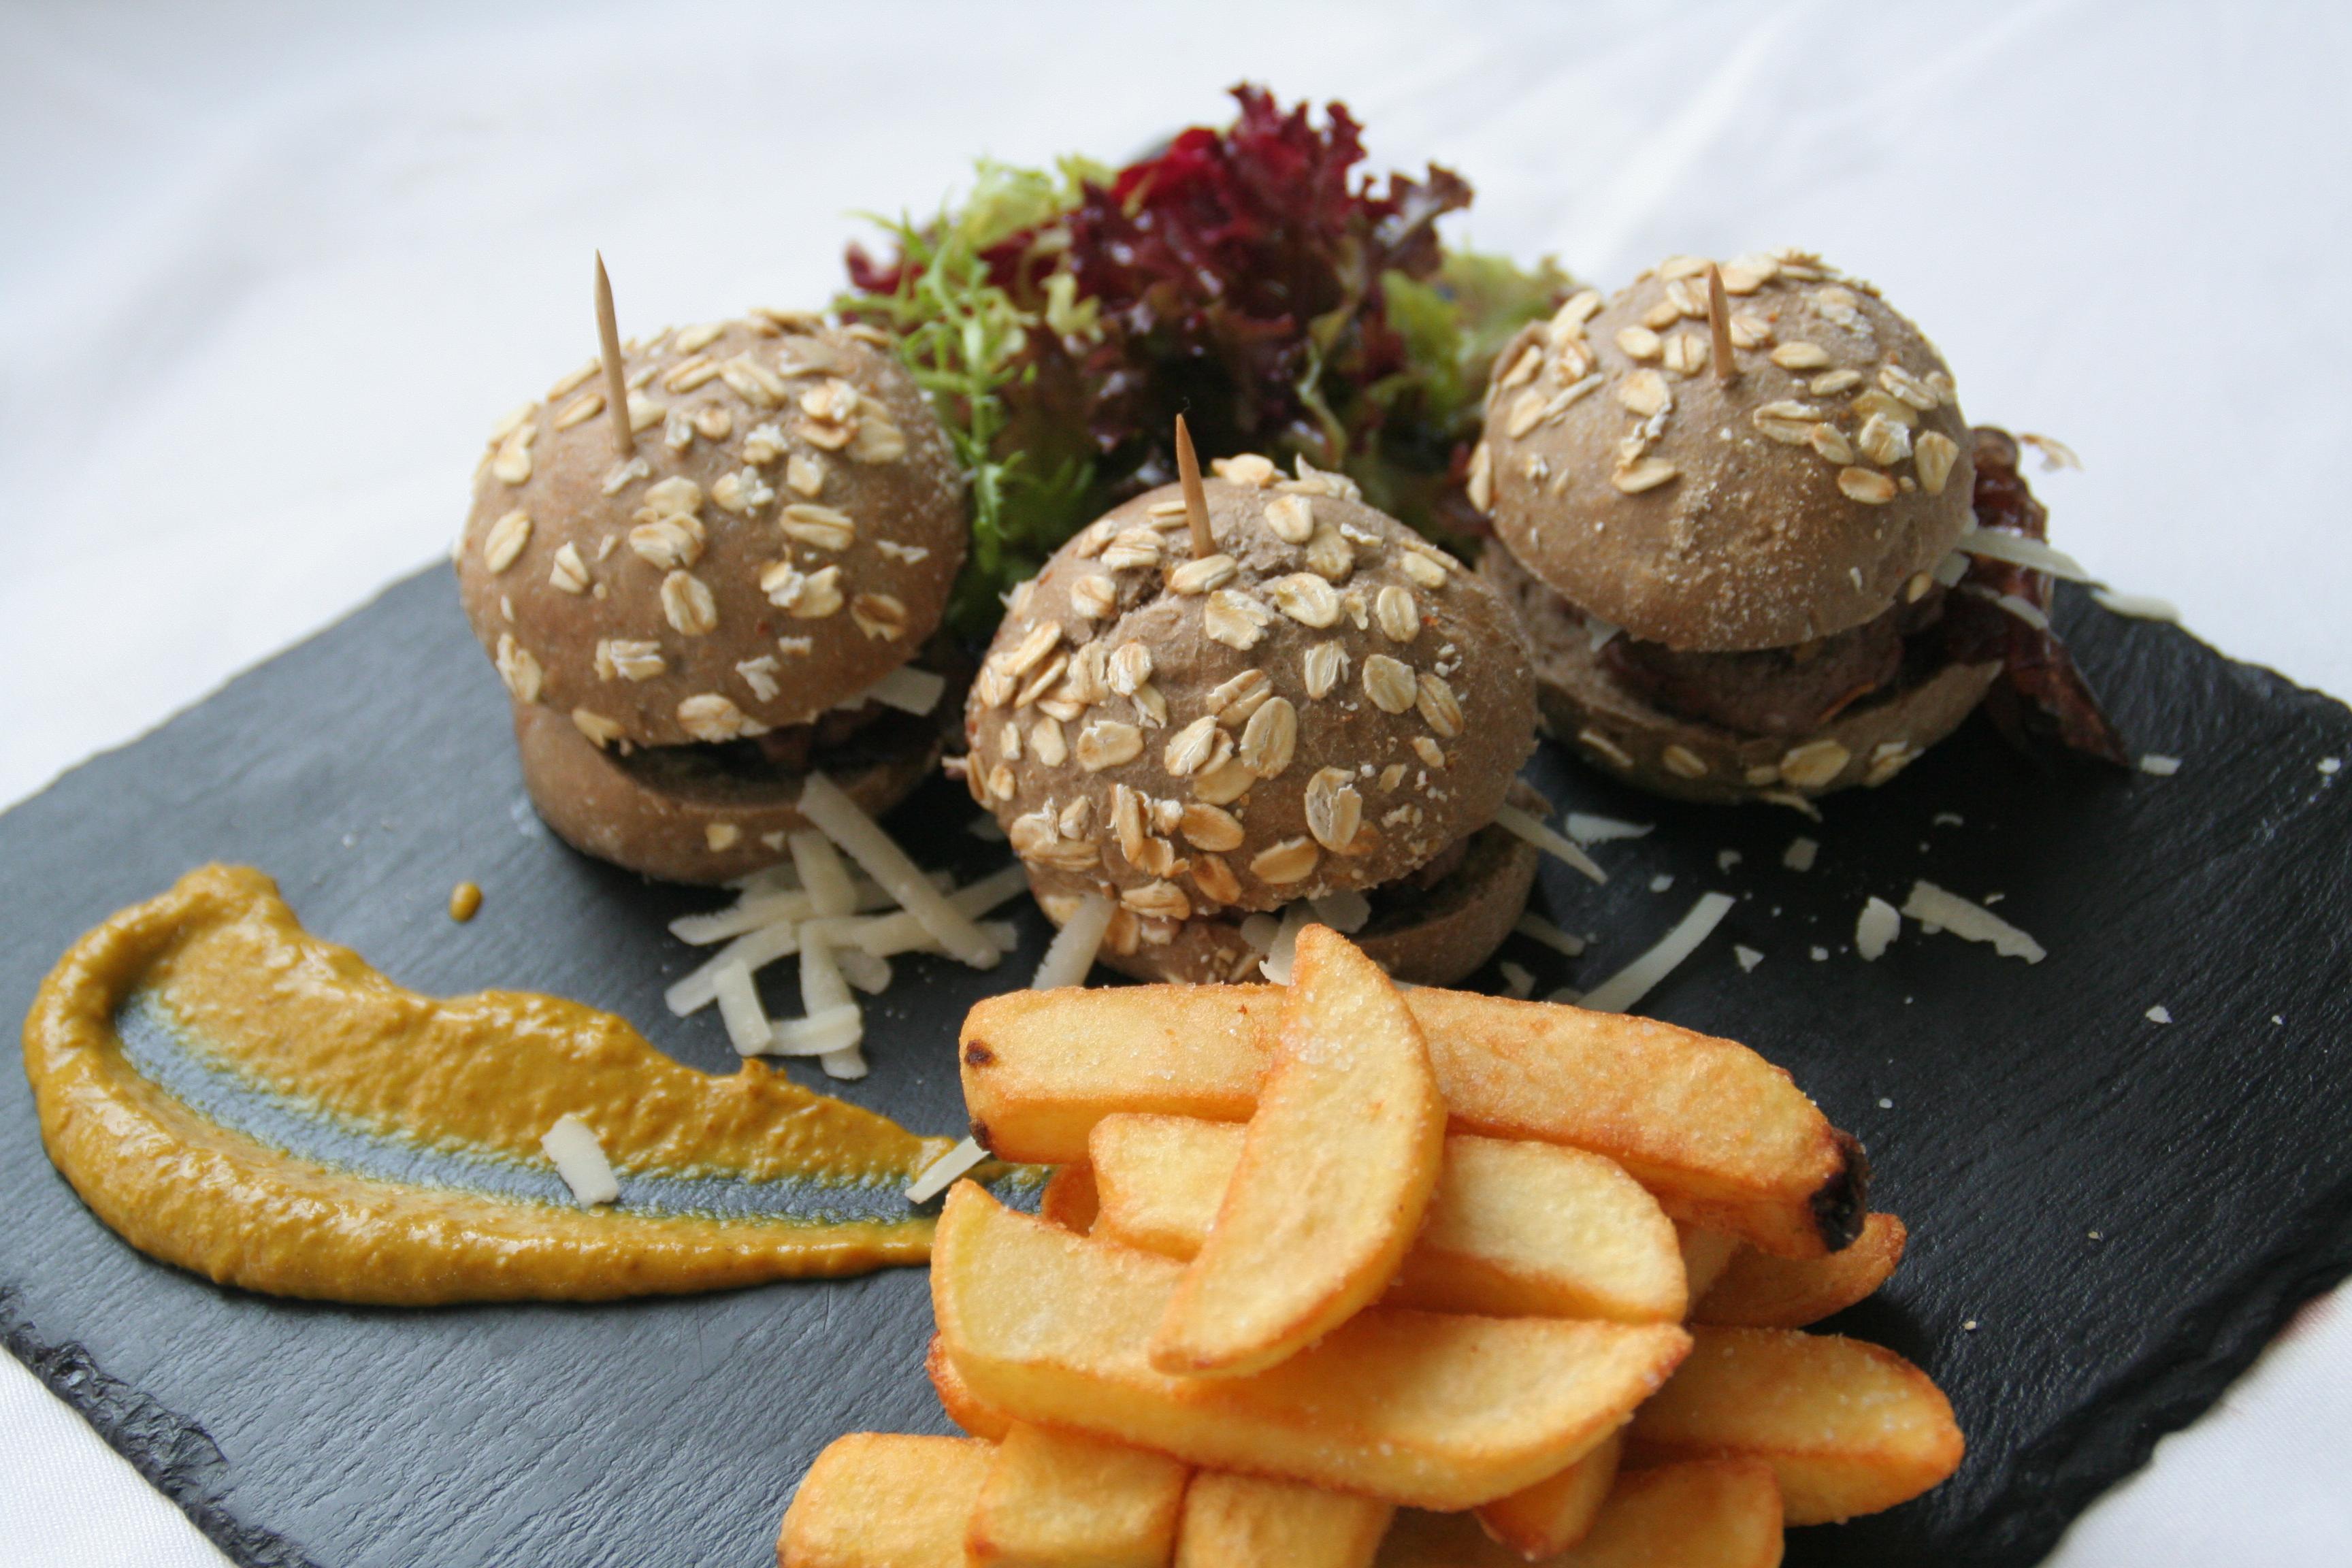 Minihamburguesa de ciervo con cebolla caramelizada, virutas de parmesano y mayonesa de Dijon